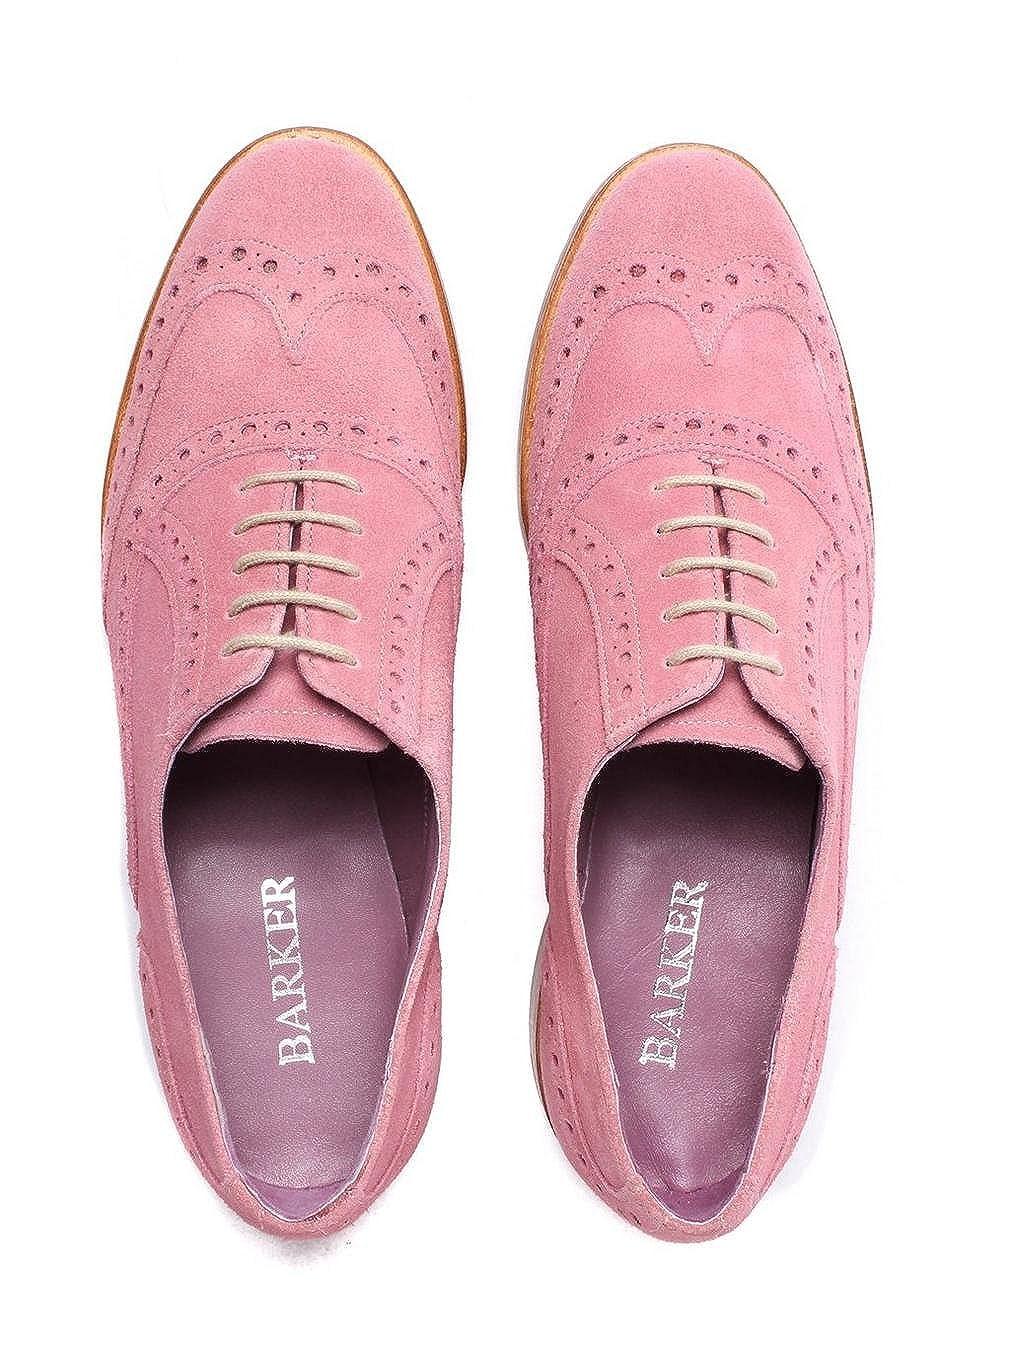 5f0cc1cd30276c Barker Women's Freya Classic Suede Brogues - Pink, Pink, UK4: Amazon.co.uk:  Shoes & Bags